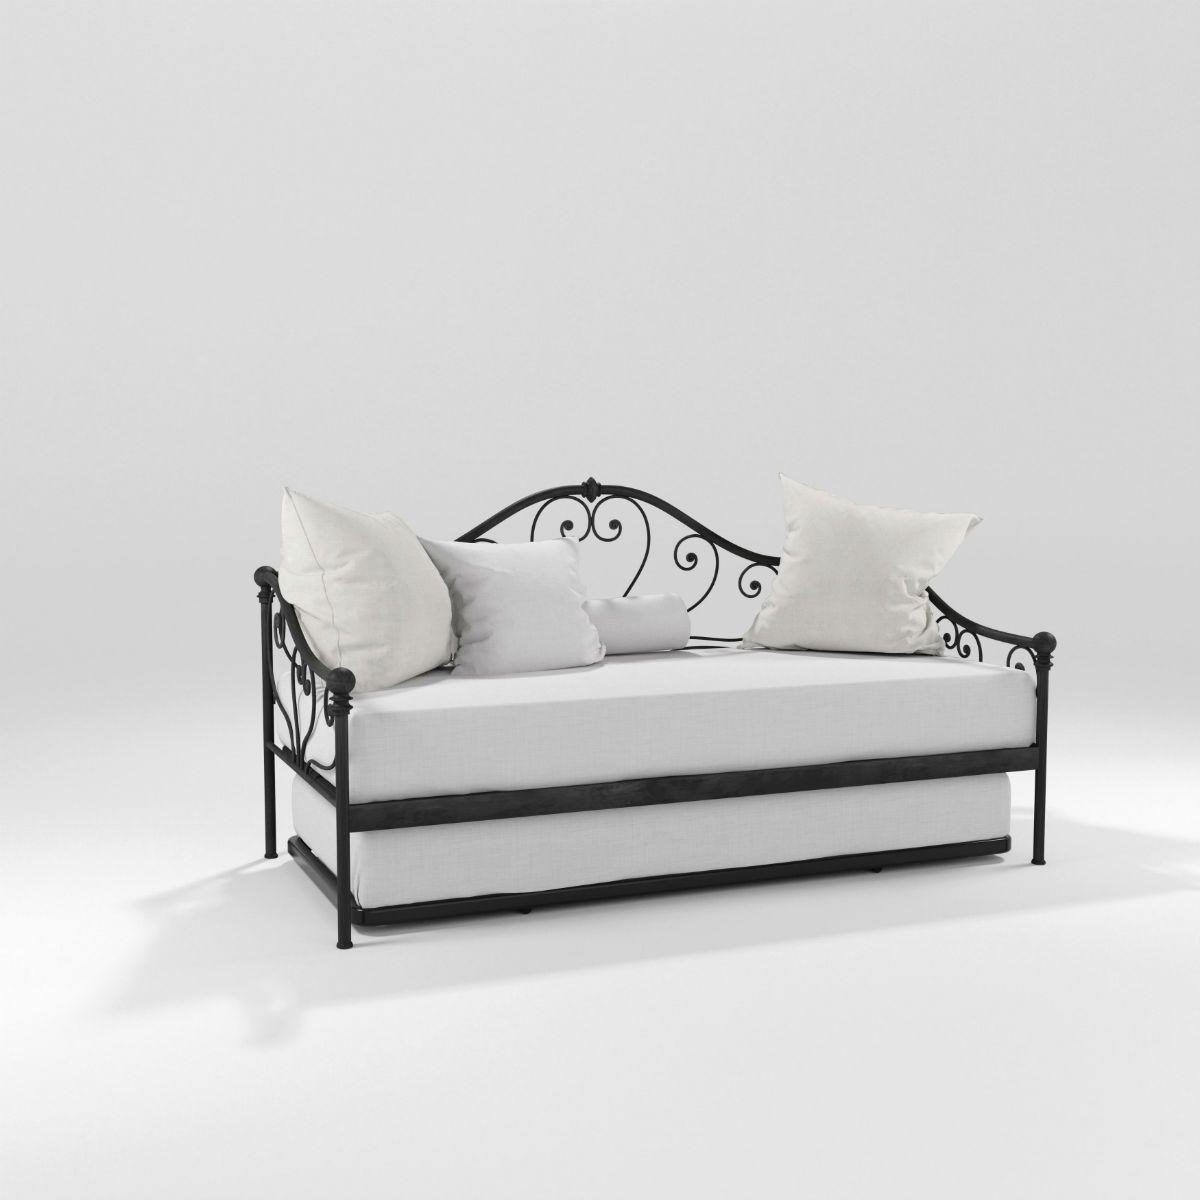 Fidelio barel complementi d 39 arredo made in italy - Trasformare letto in divano ...